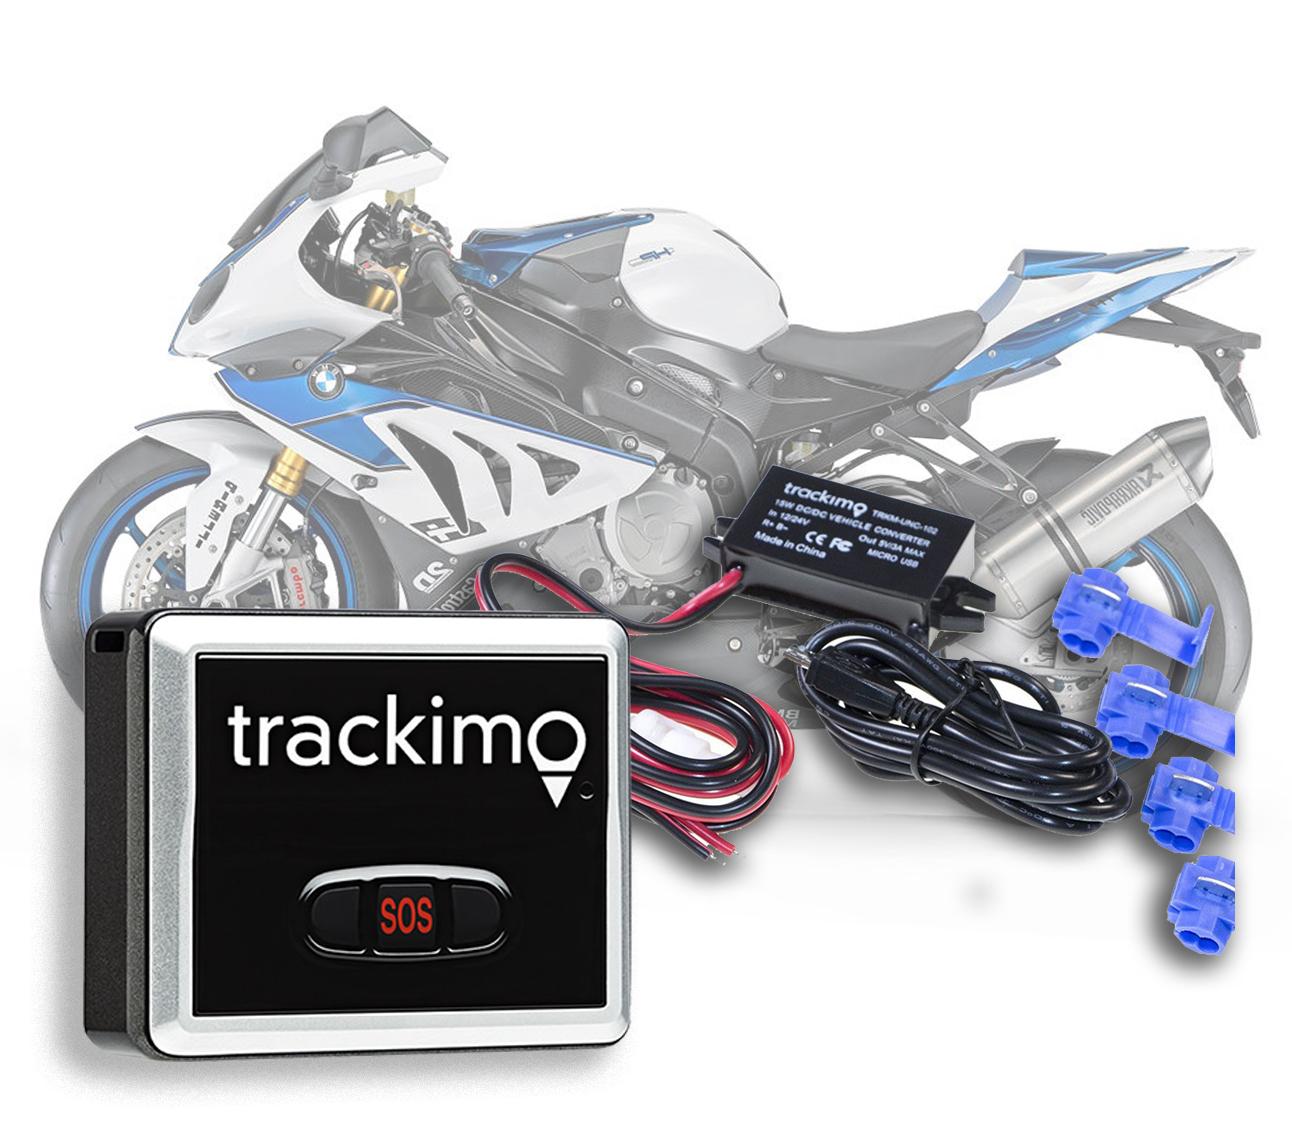 trackimo motorcycle2